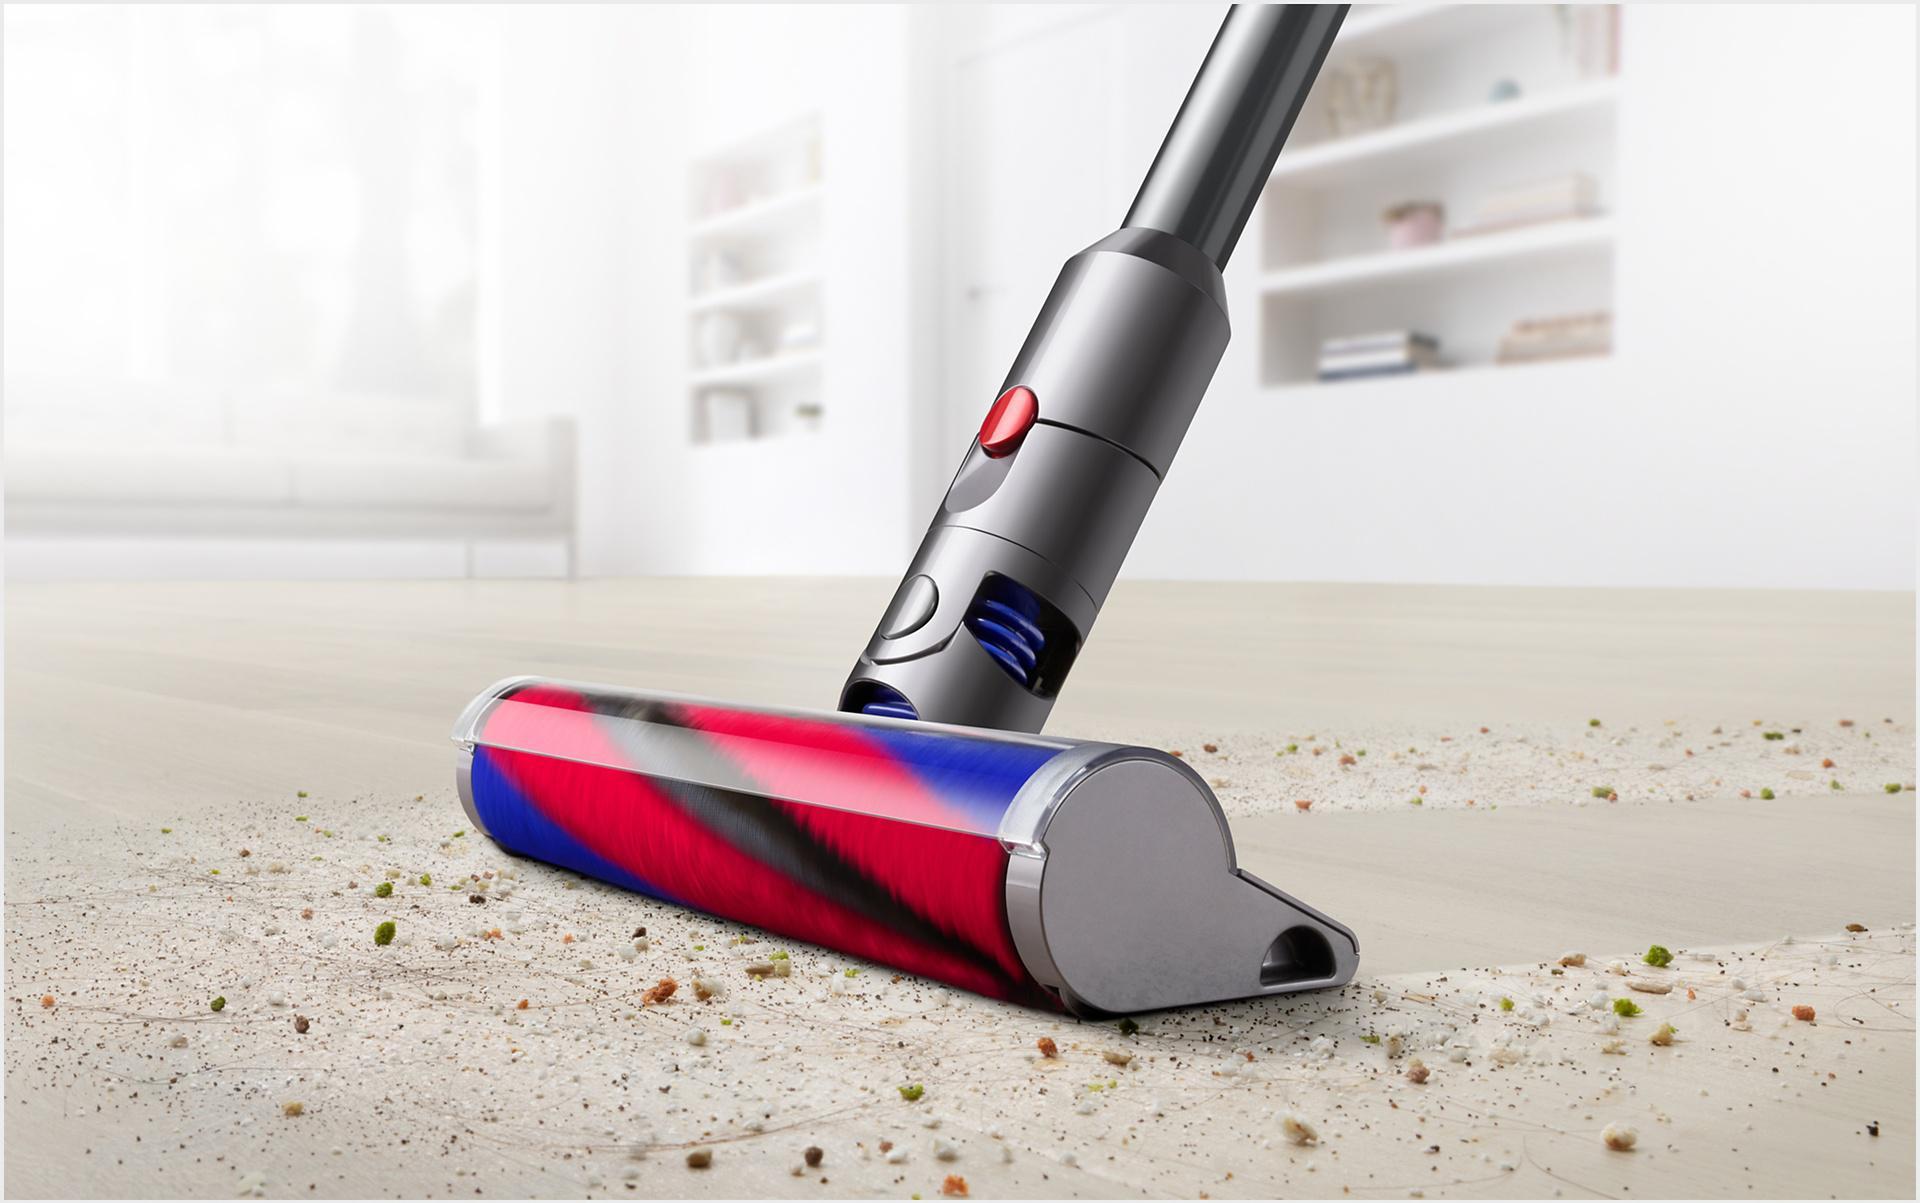 ภาพของ Dyson Digital Slim™ ขณะทำความสะอาดพื้น